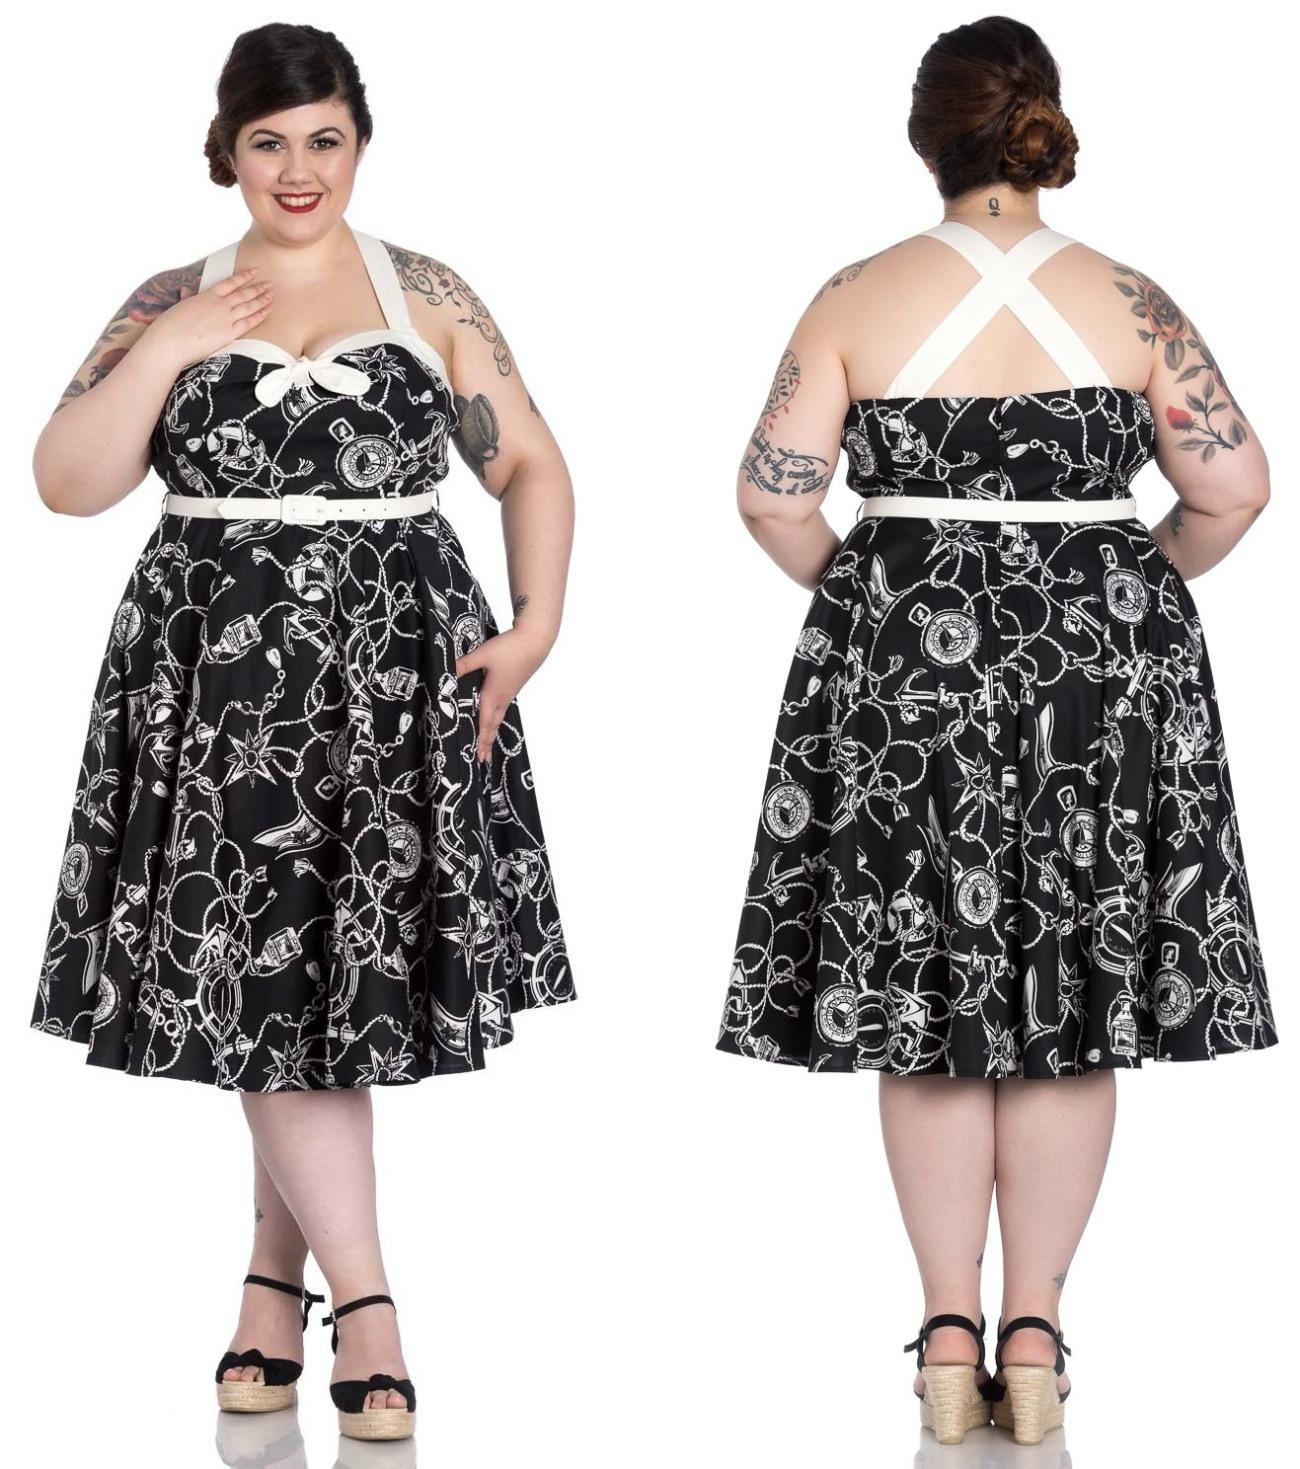 13 Großartig Neckholder Kleid für 2019Formal Spektakulär Neckholder Kleid Stylish